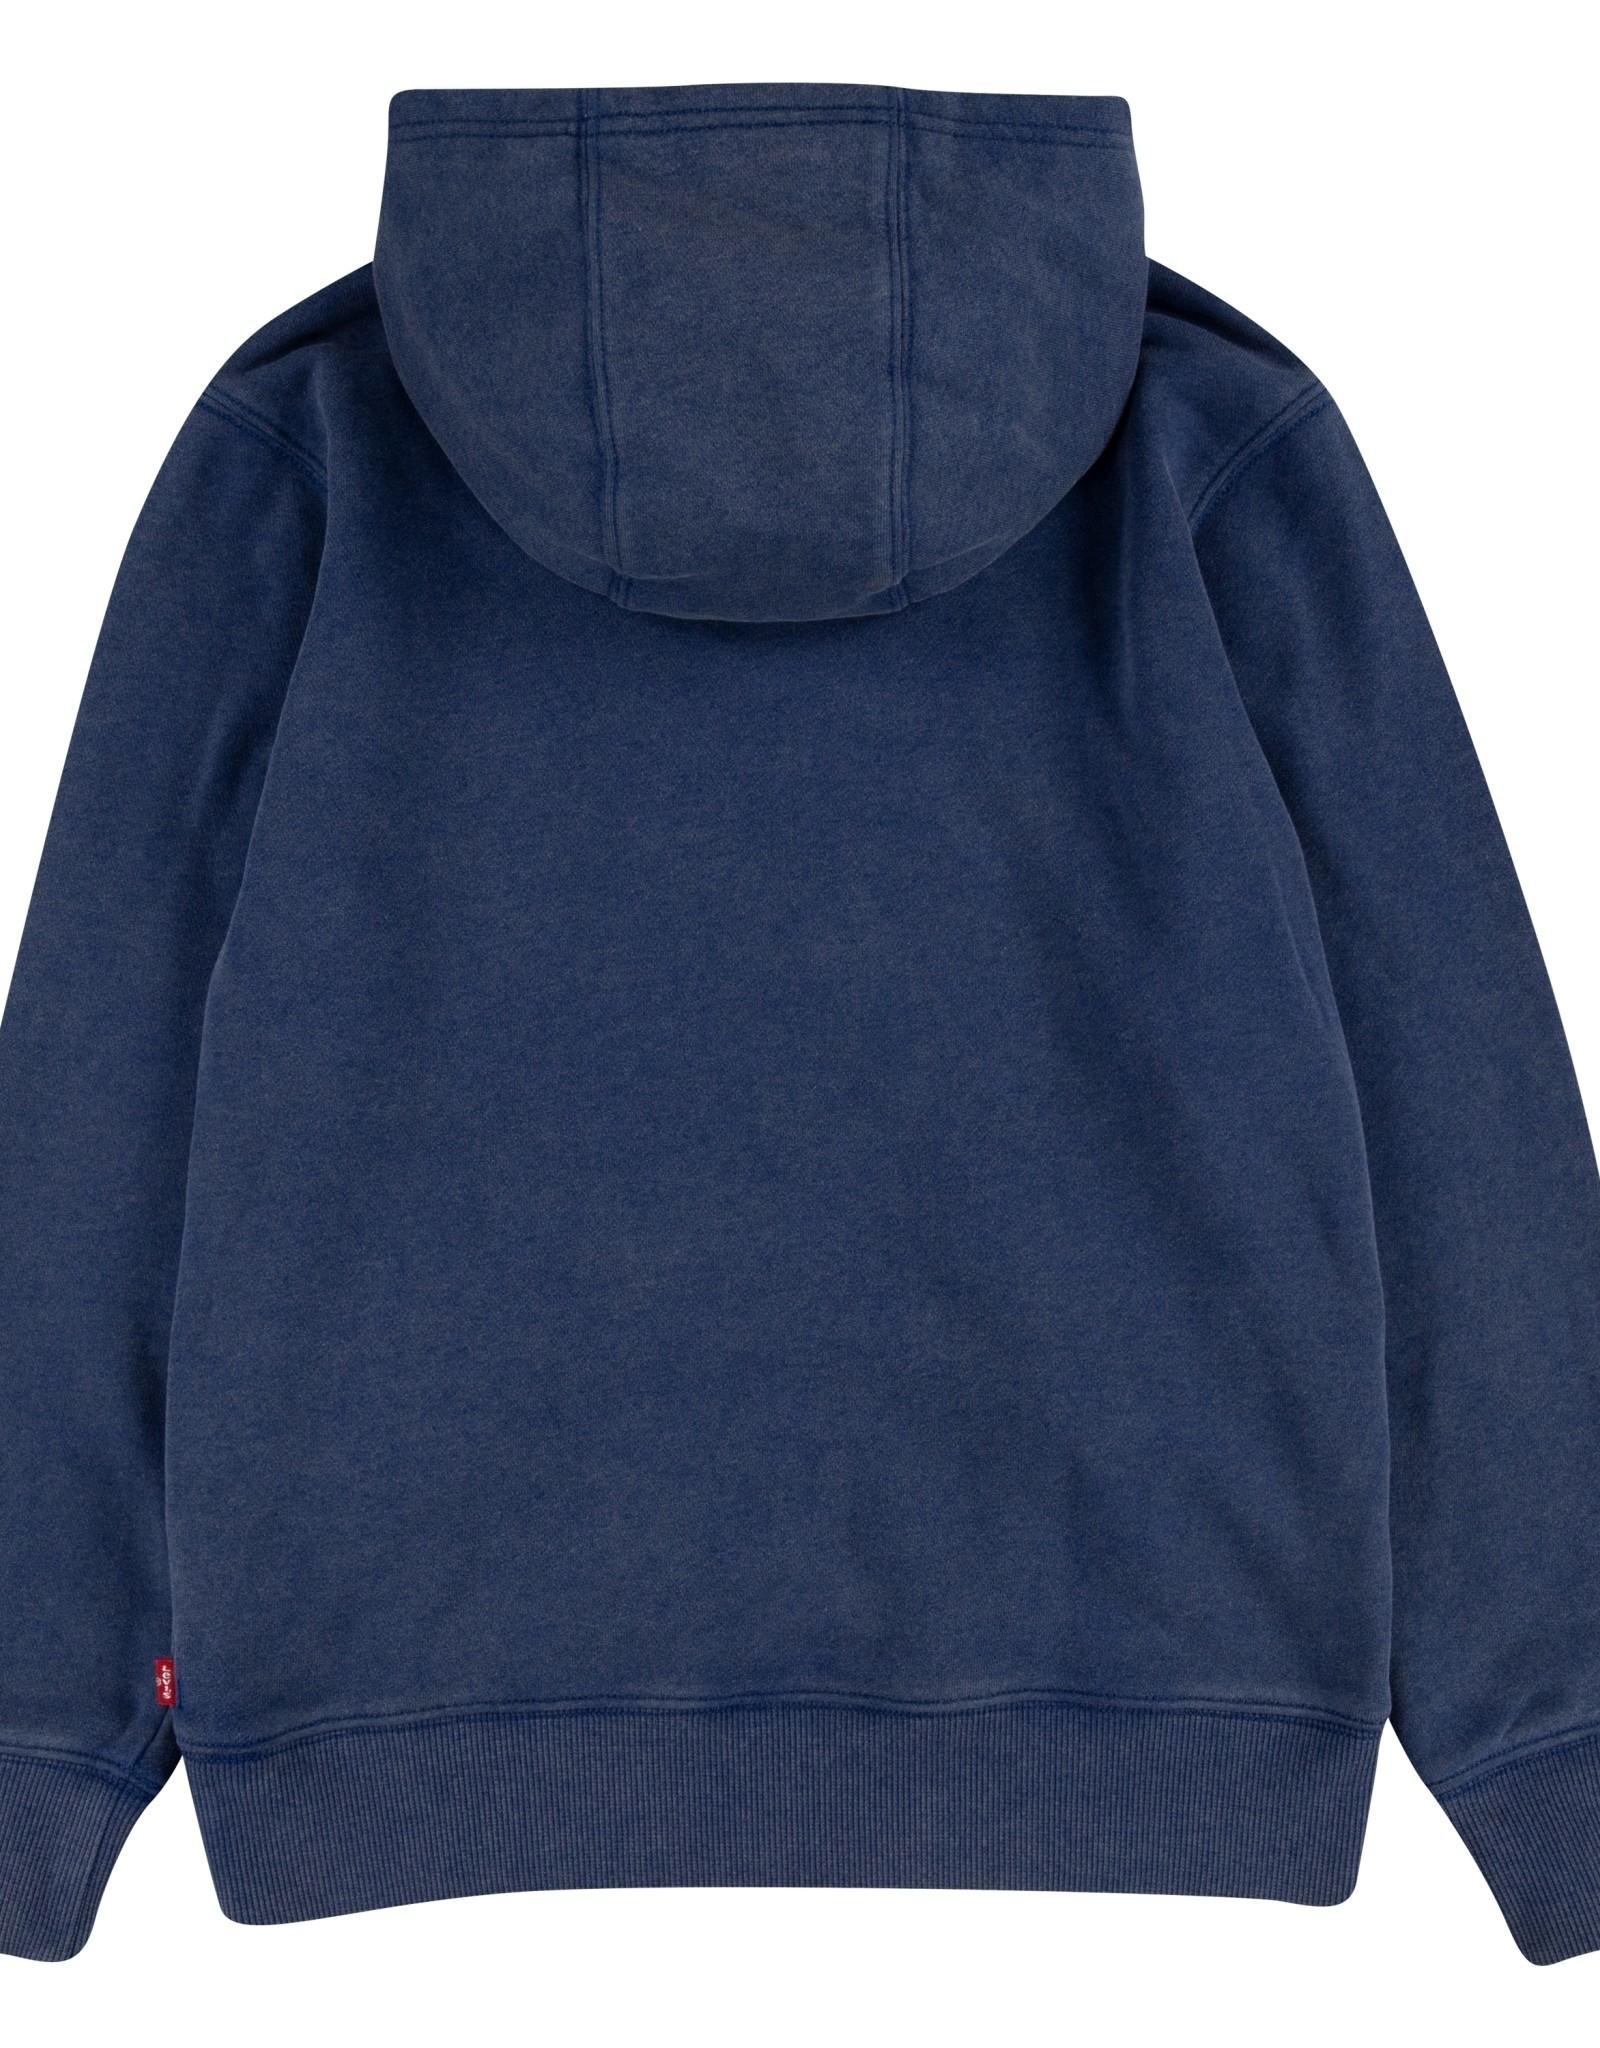 LEVI'S LEVI'S lvb washed logo po hoodie estate blue